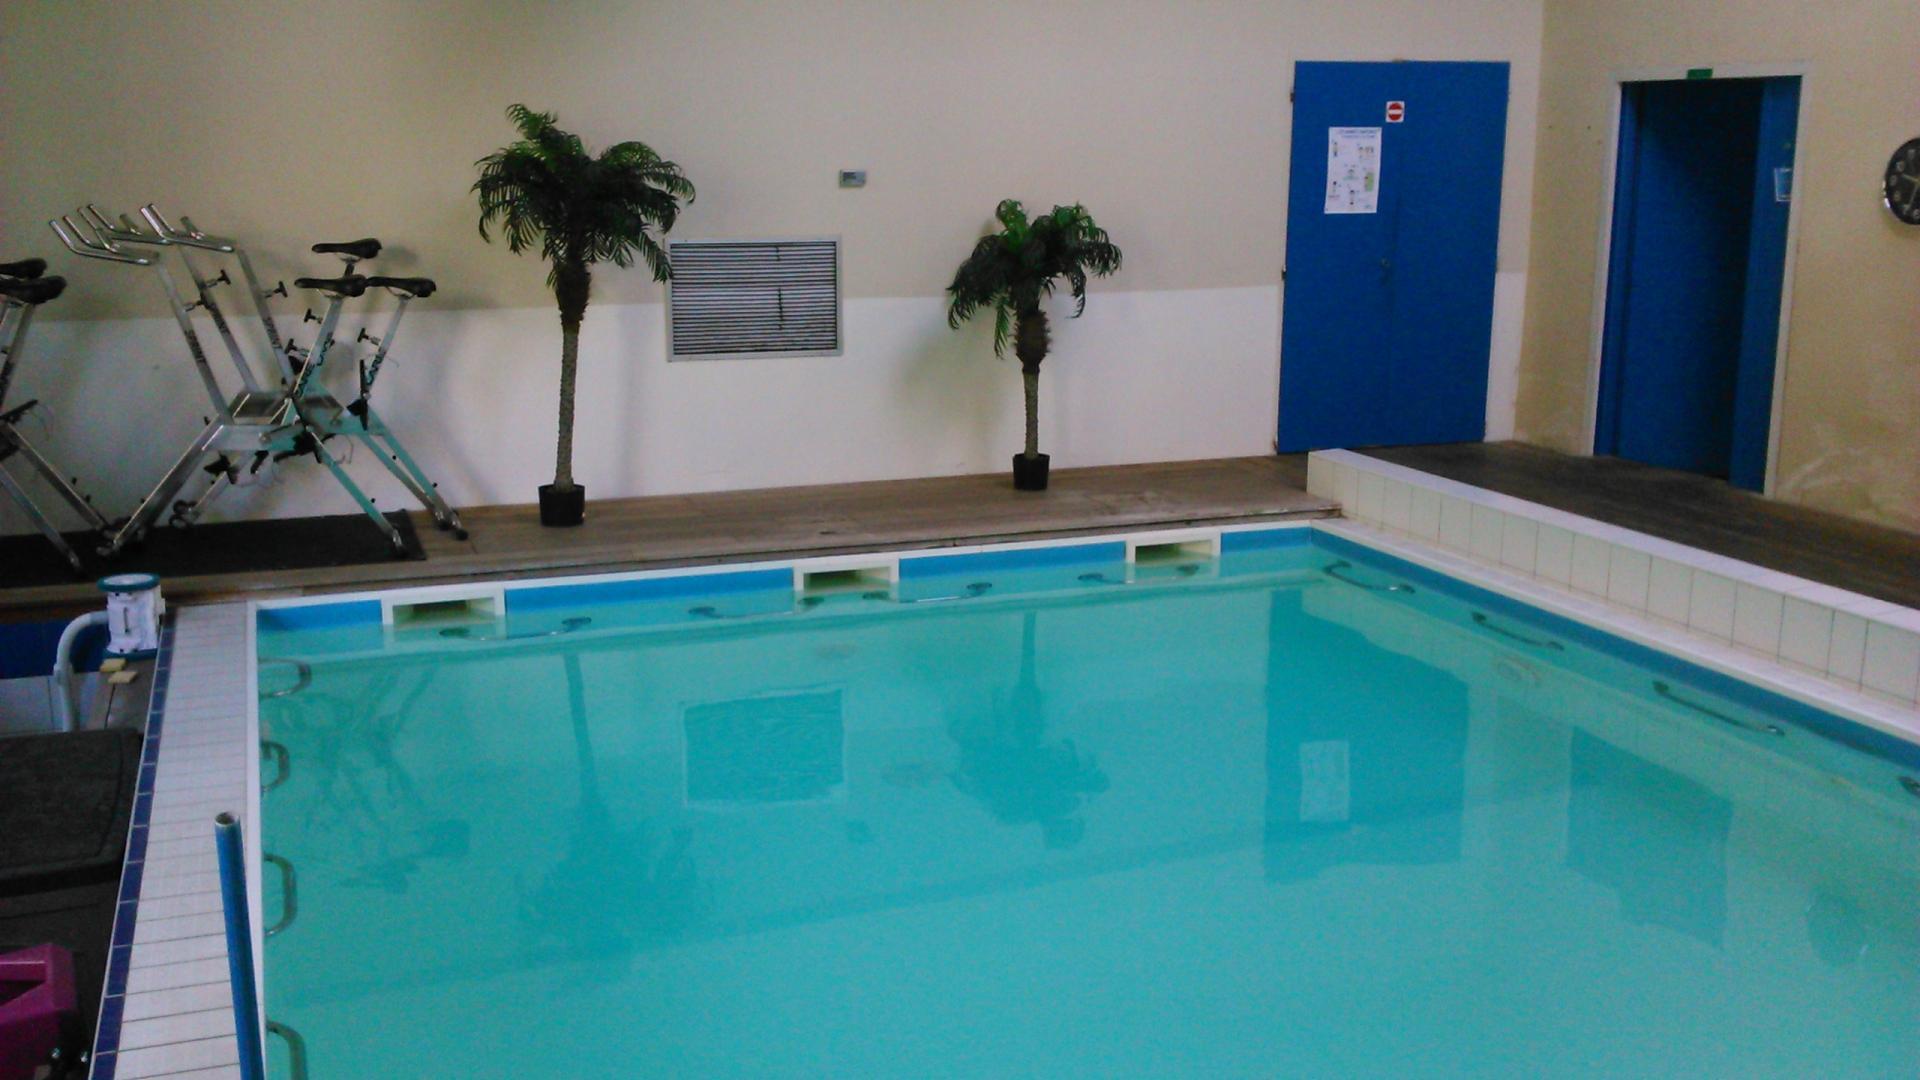 nouveau piscine pour femme musulmane bordeaux piscine. Black Bedroom Furniture Sets. Home Design Ideas